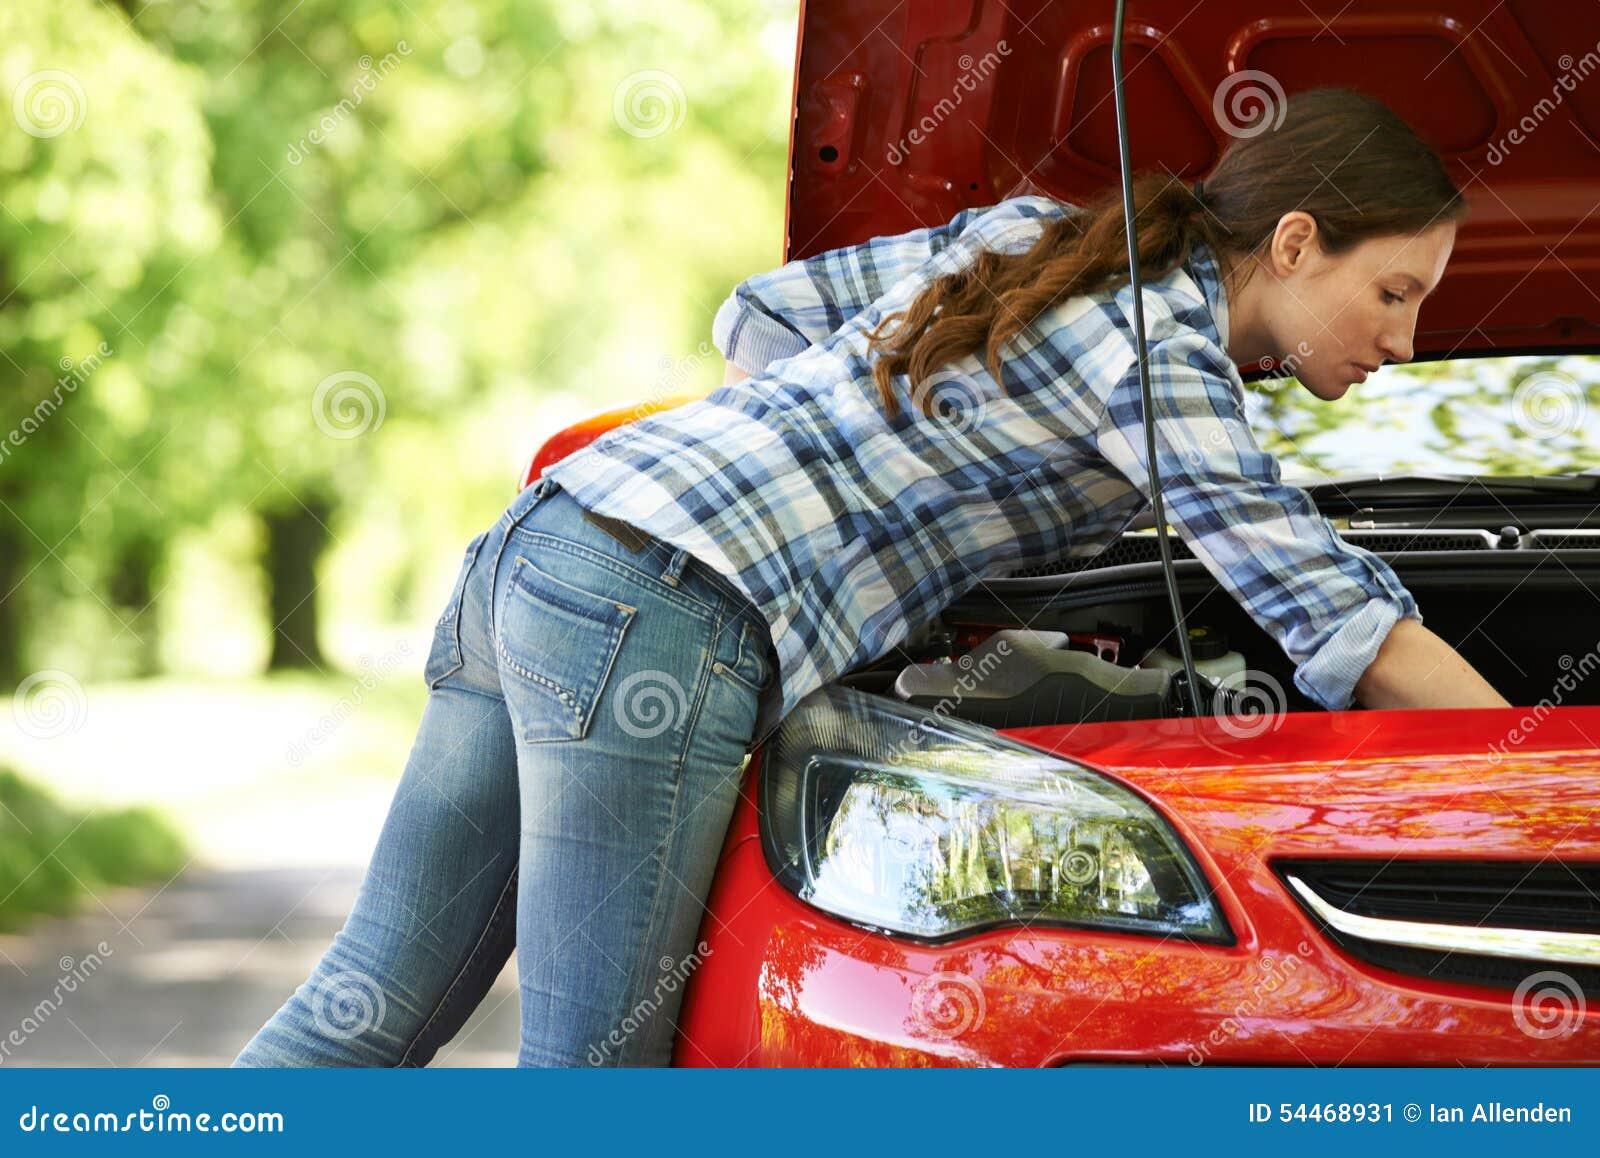 Aufgegliederter weiblicher Fahrer Looking Under Hood Of Car